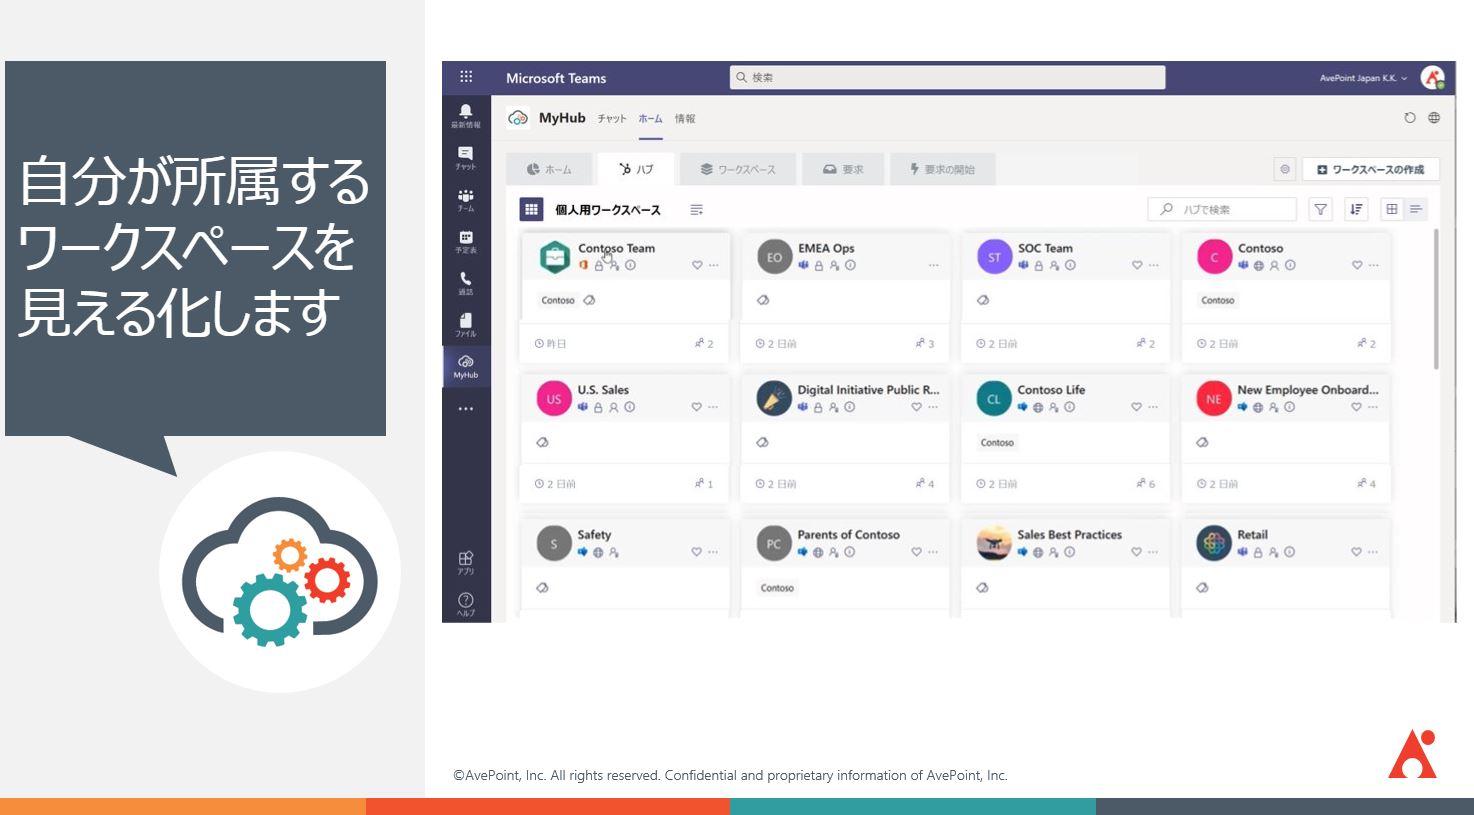 Microsoft 365 環境見える化 ツール MyHub